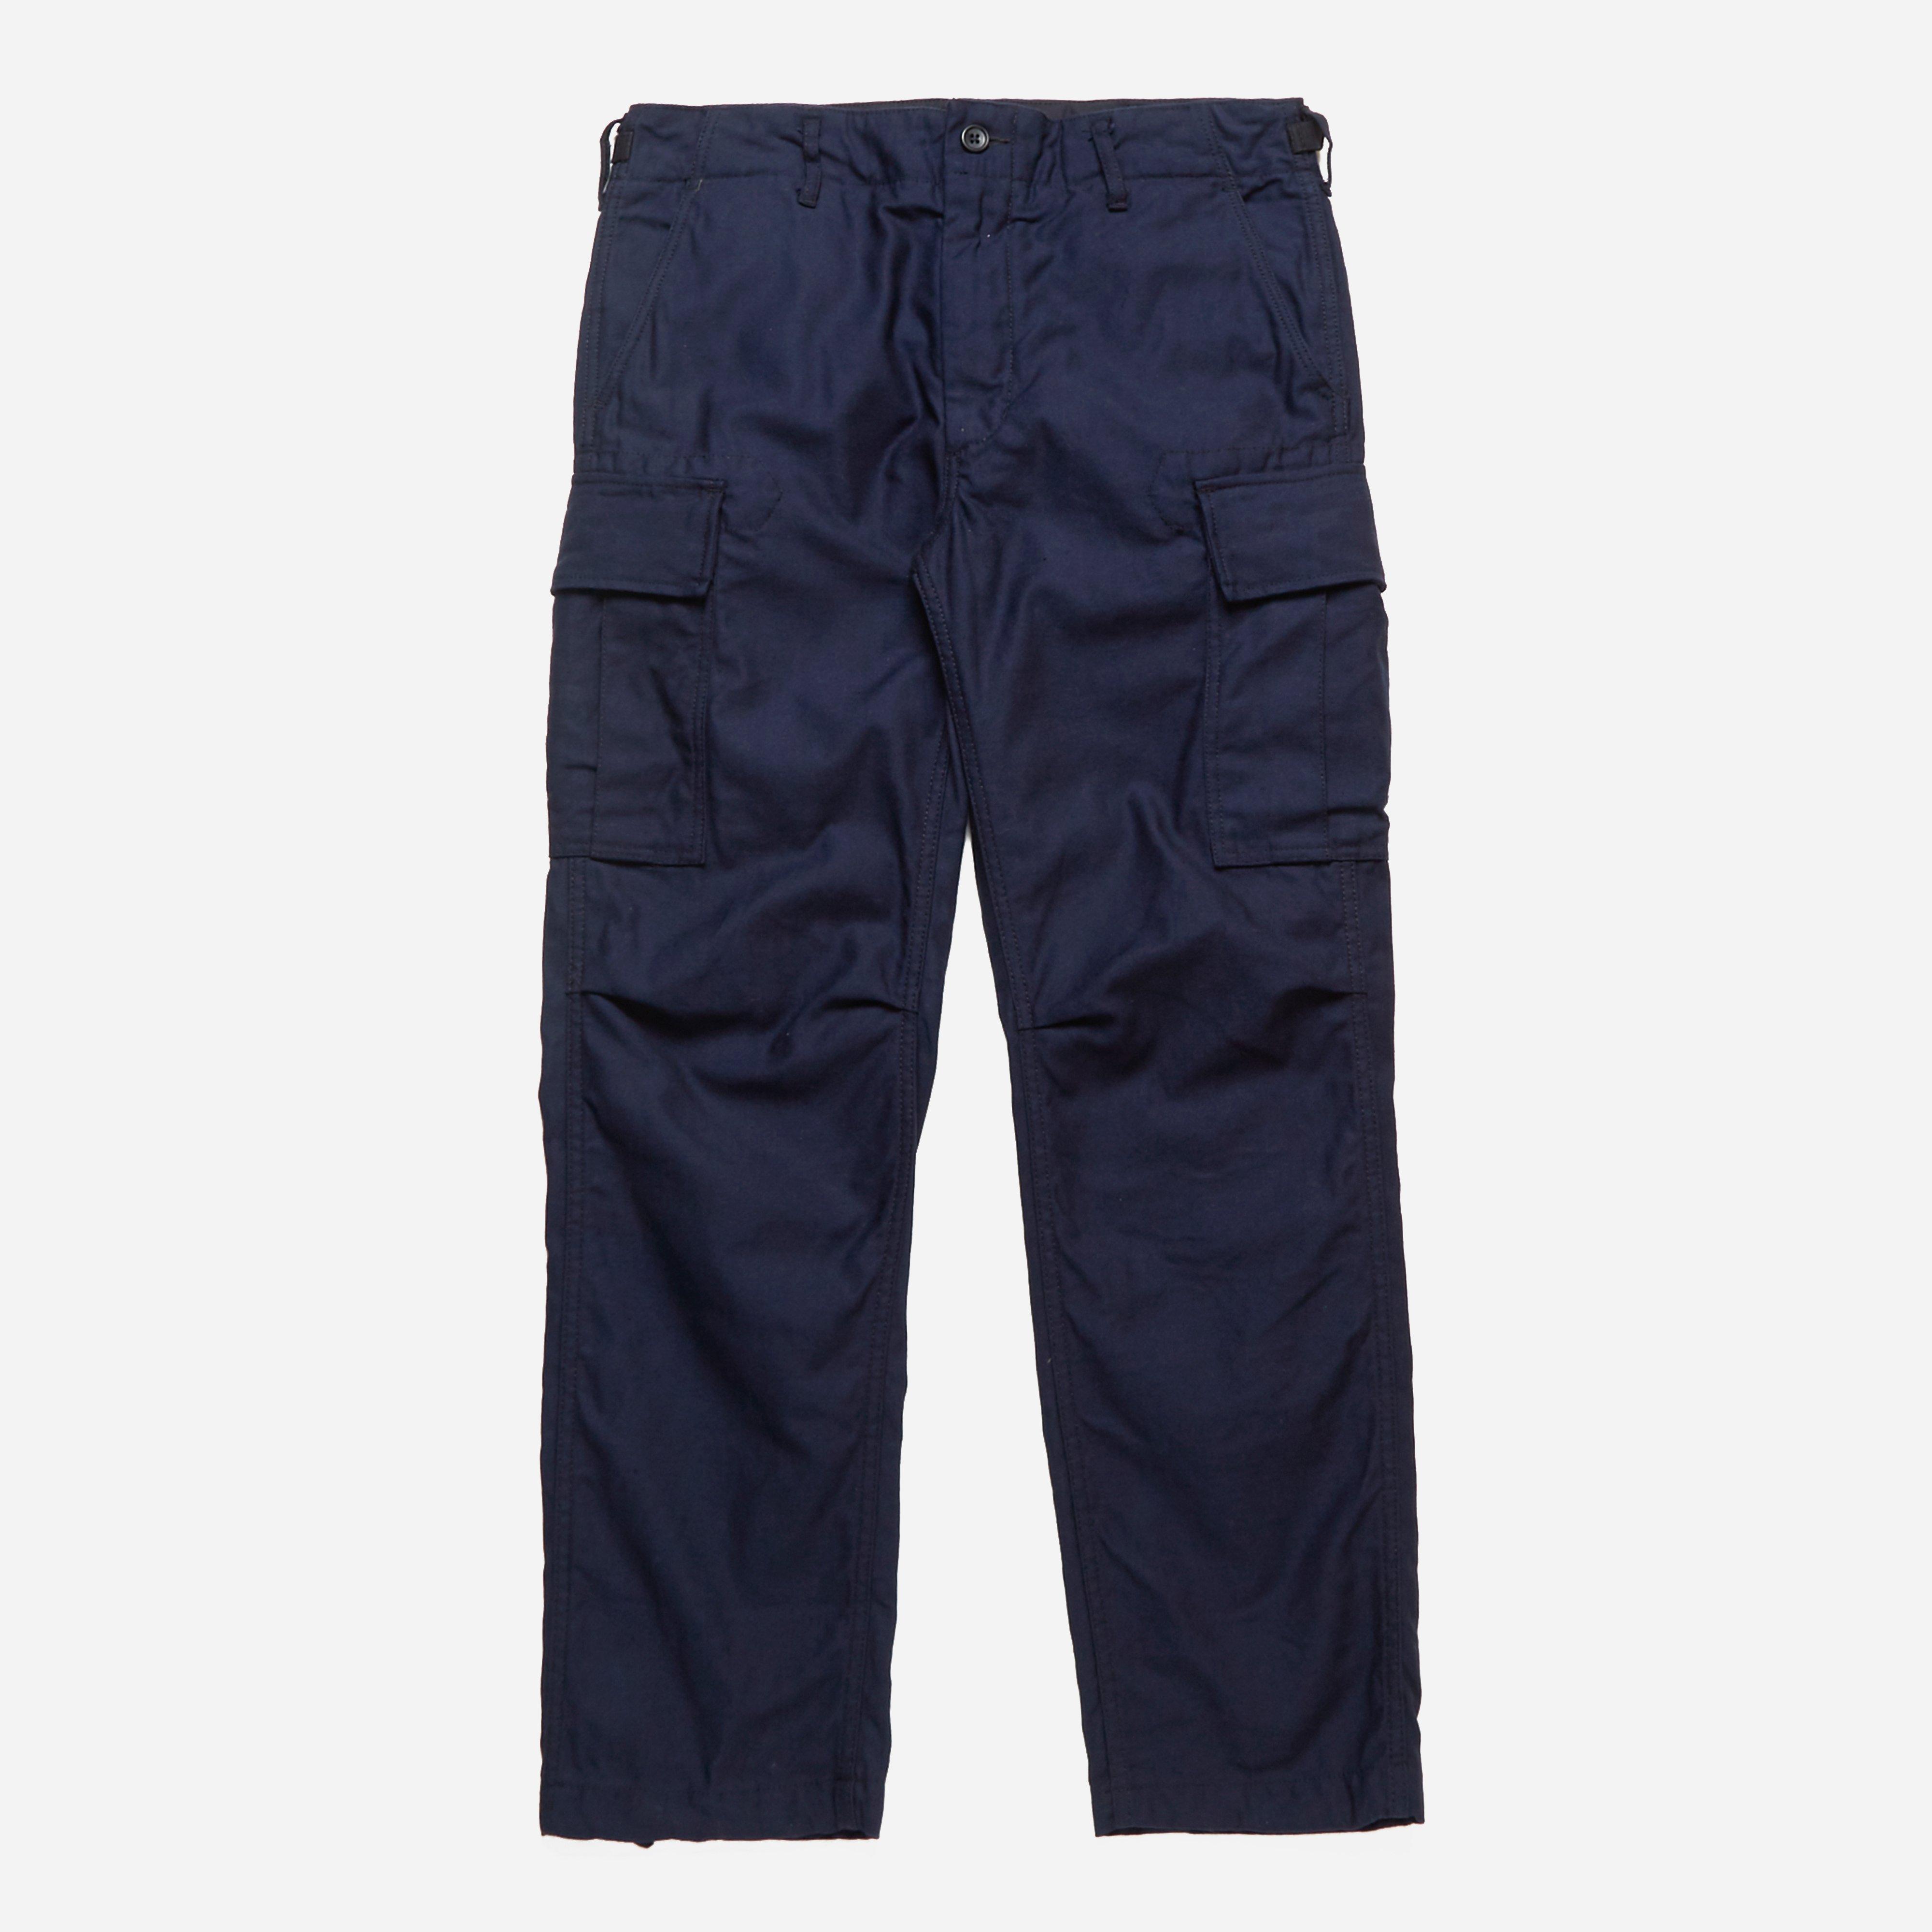 Engineered Garments BDU Pant Cotton Reversed Sateen